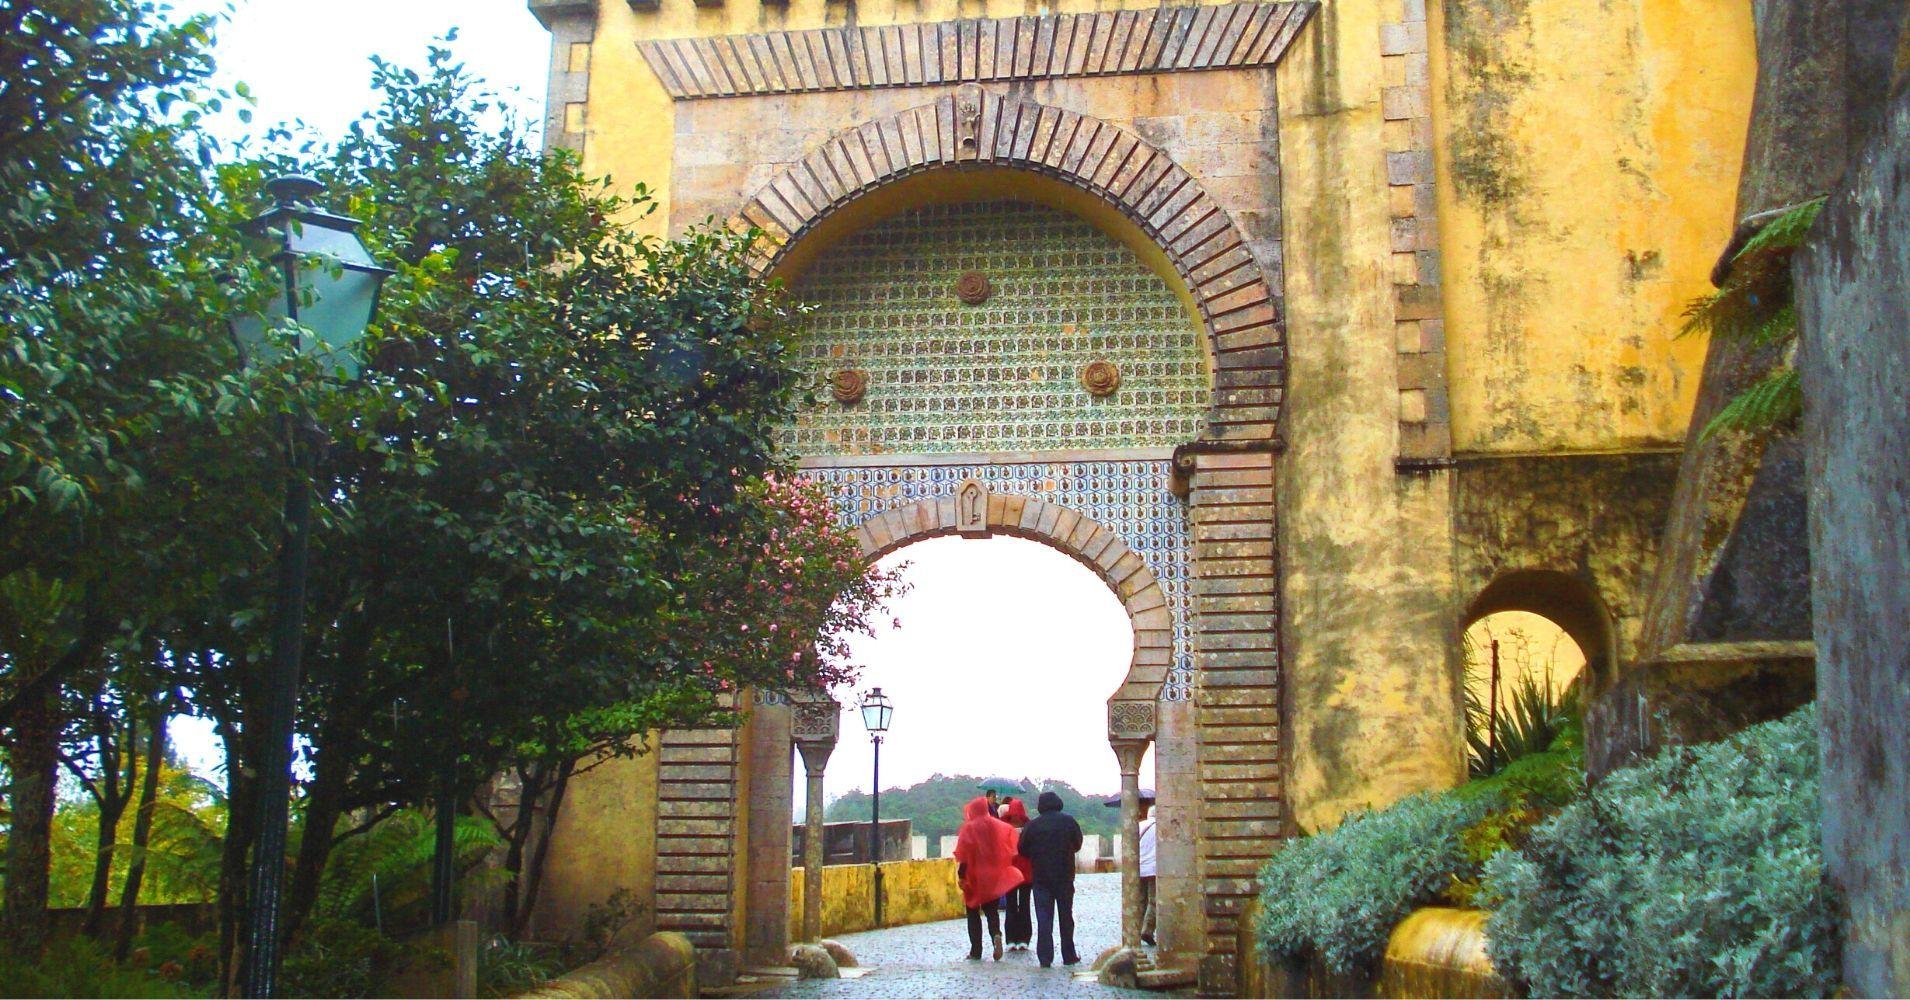 Puerta de Entrada al Palacio. Sintra. Portugal.